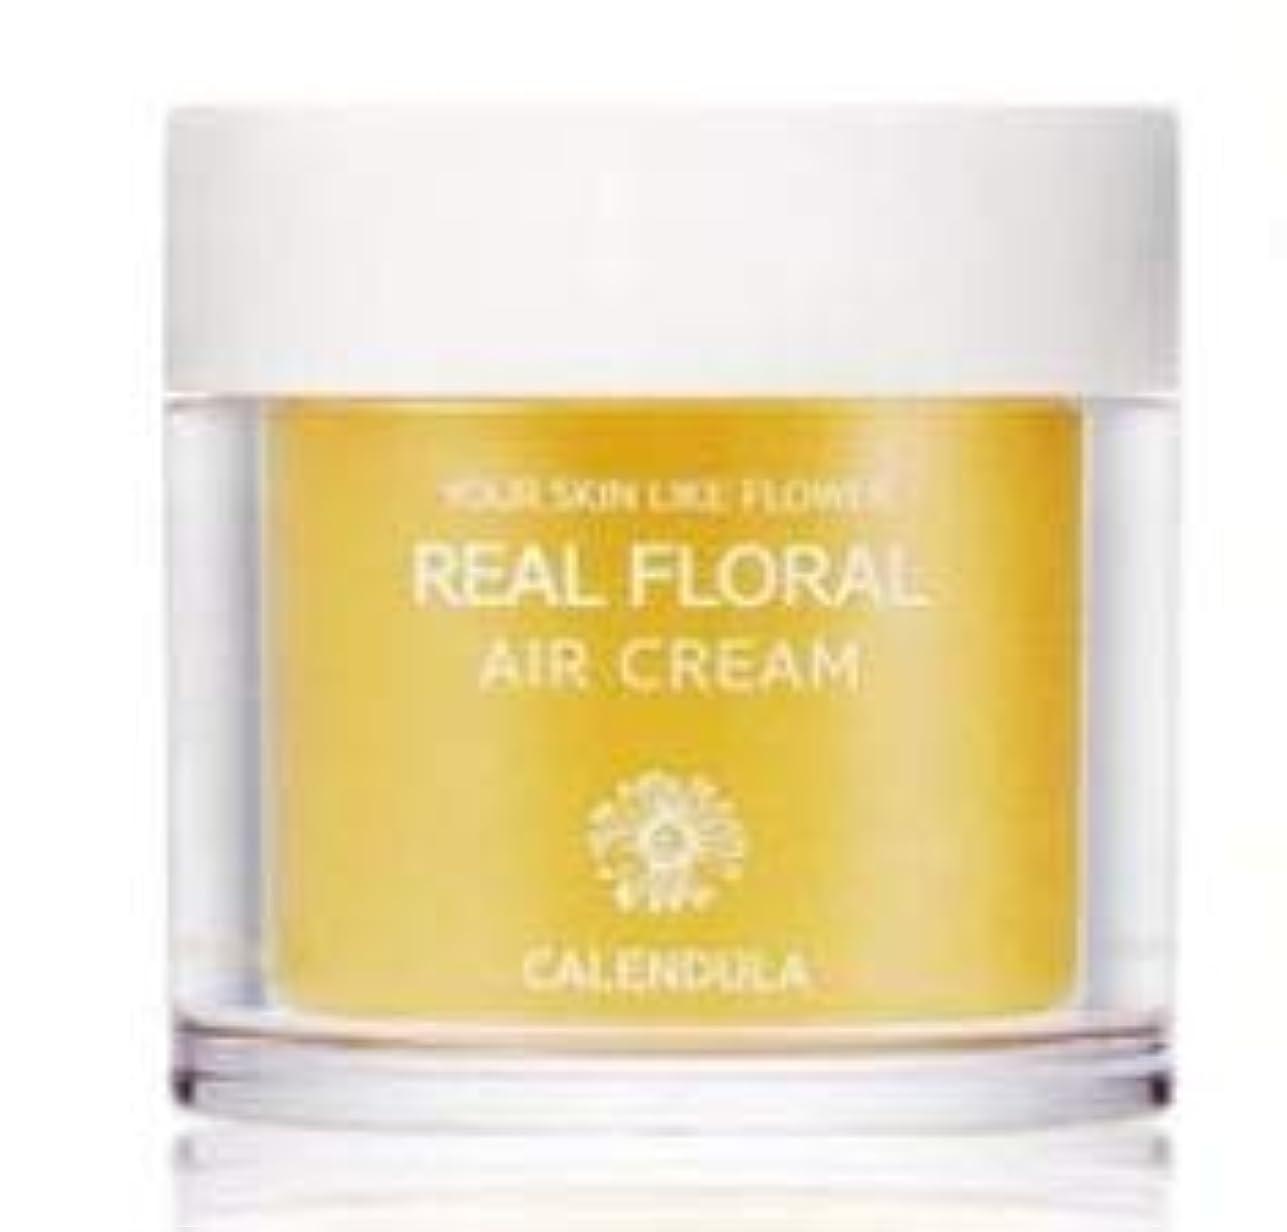 結び目ディンカルビル許されるNATURAL PACIFIC Real Floral Air Cream 100ml (Calendula) /ナチュラルパシフィック リアル カレンデュラ エア クリーム 100ml [並行輸入品]